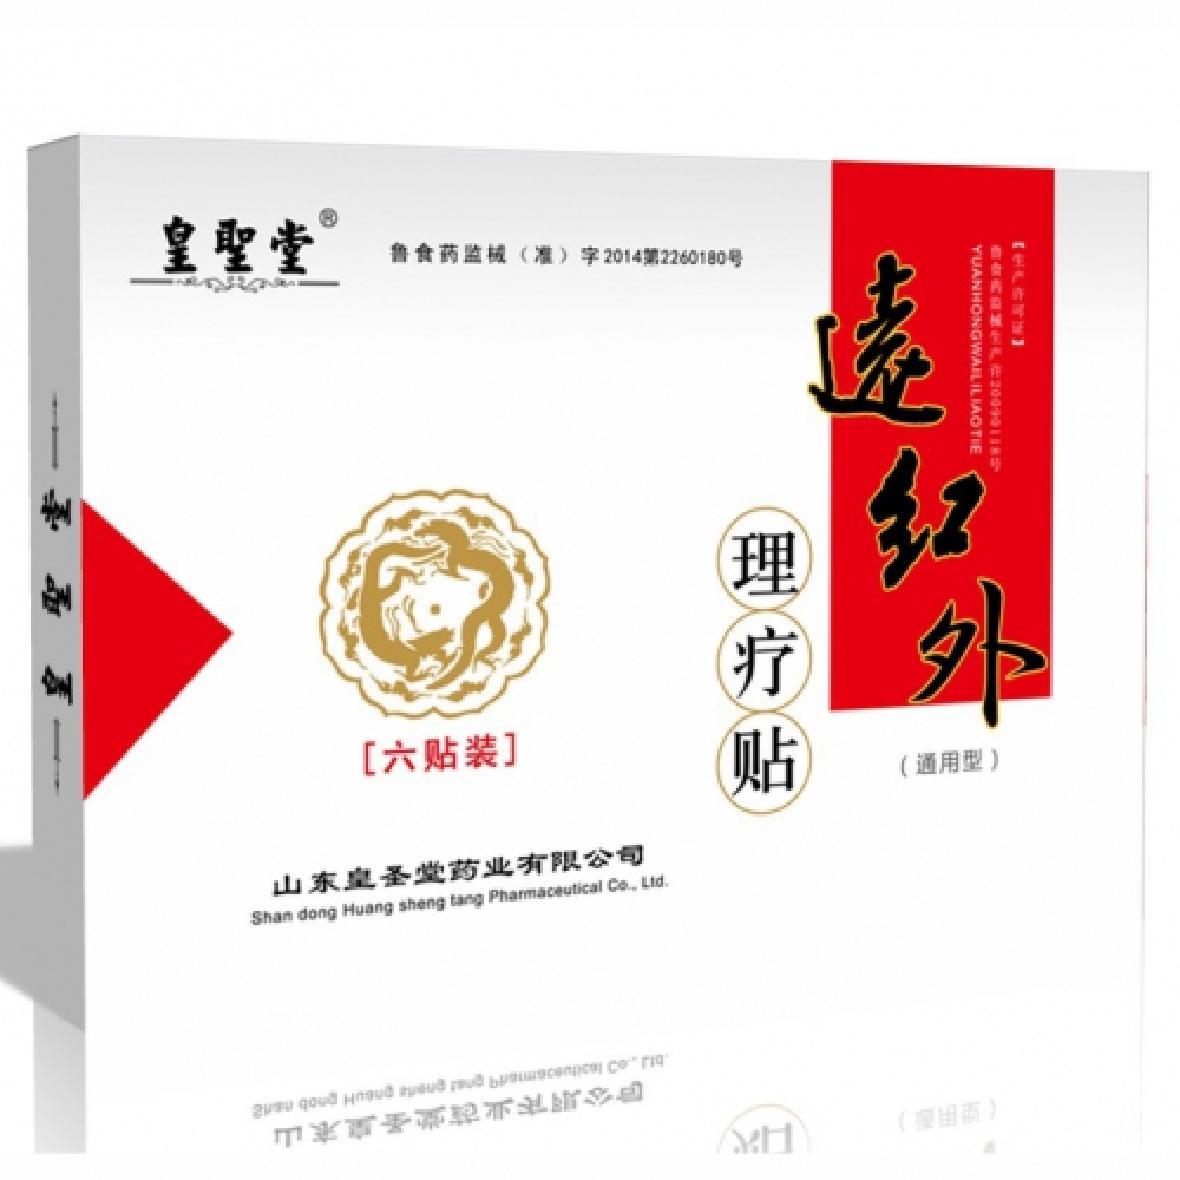 濟南皇圣堂遠紅外理療貼(TDP),紅外理療貼招商,紅外理療貼OEM